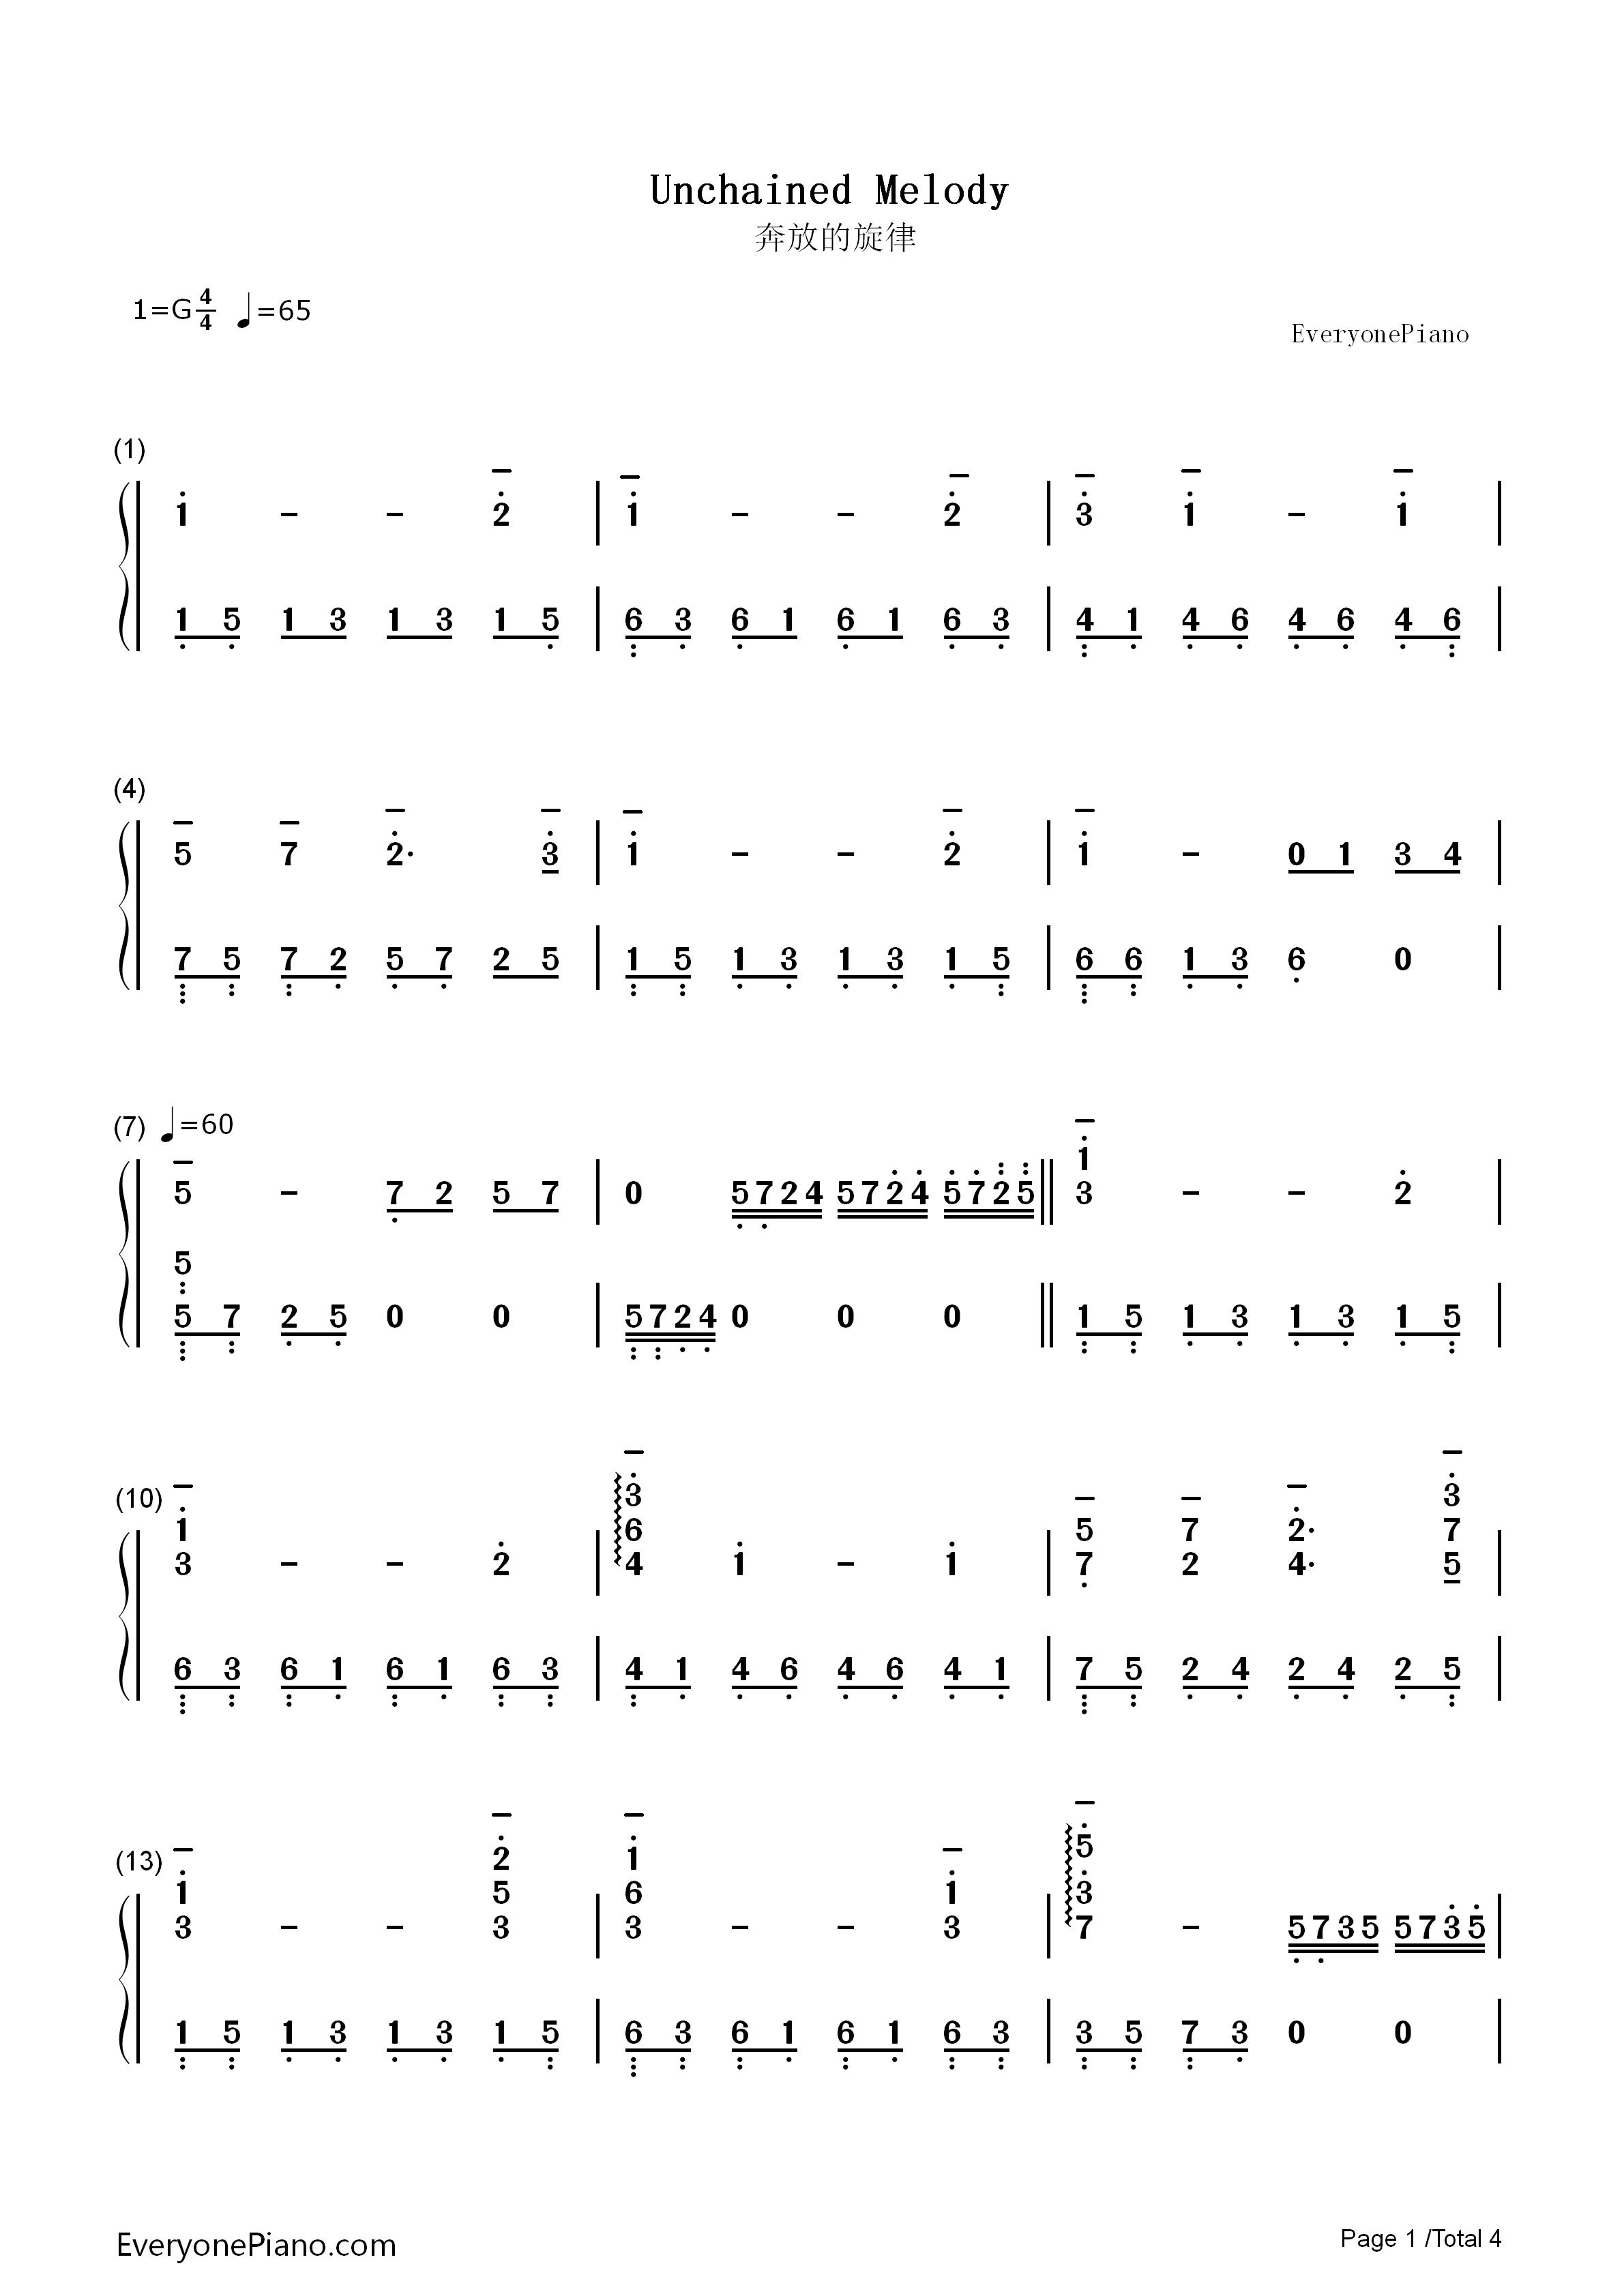 双手简谱)免费下载;; 首页 钢琴曲谱 经典 人鬼情未了-奔放的旋律-unc